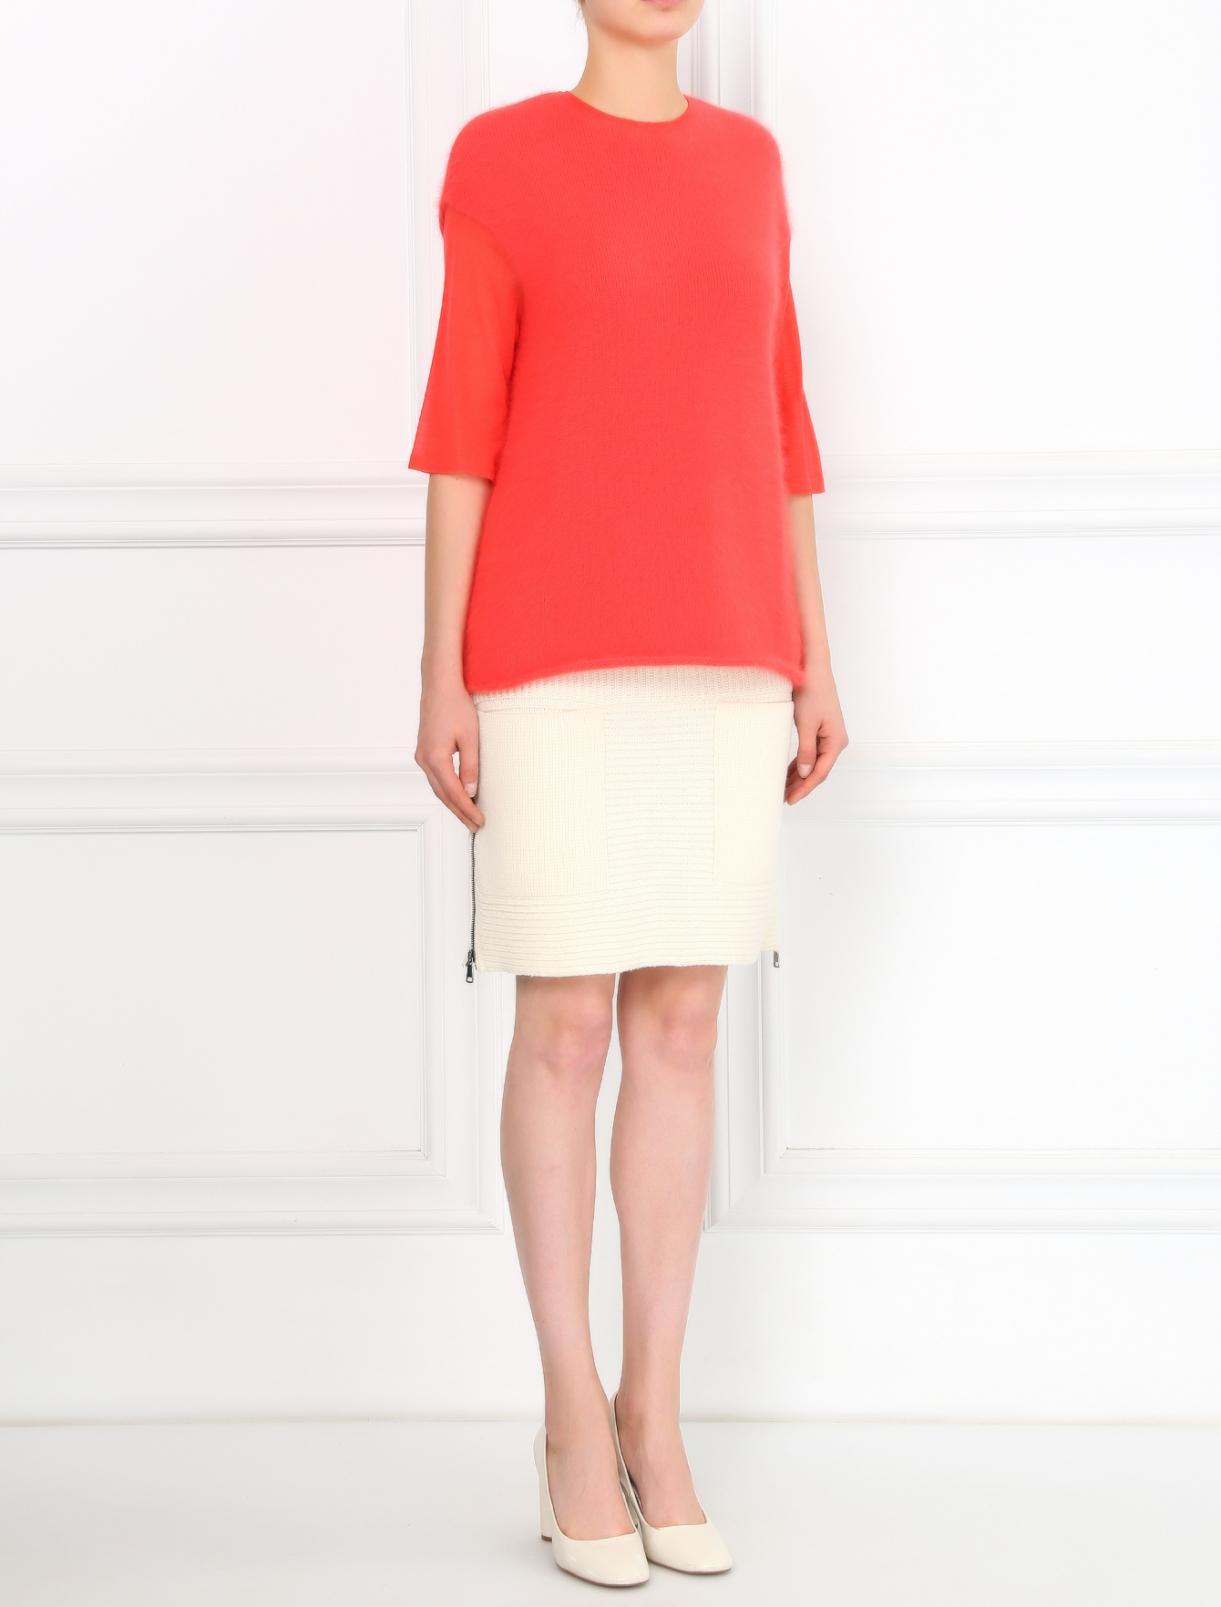 Трикотажная юбка из шерсти и кашемира с накладными карманами Aimo Richly  –  Модель Общий вид